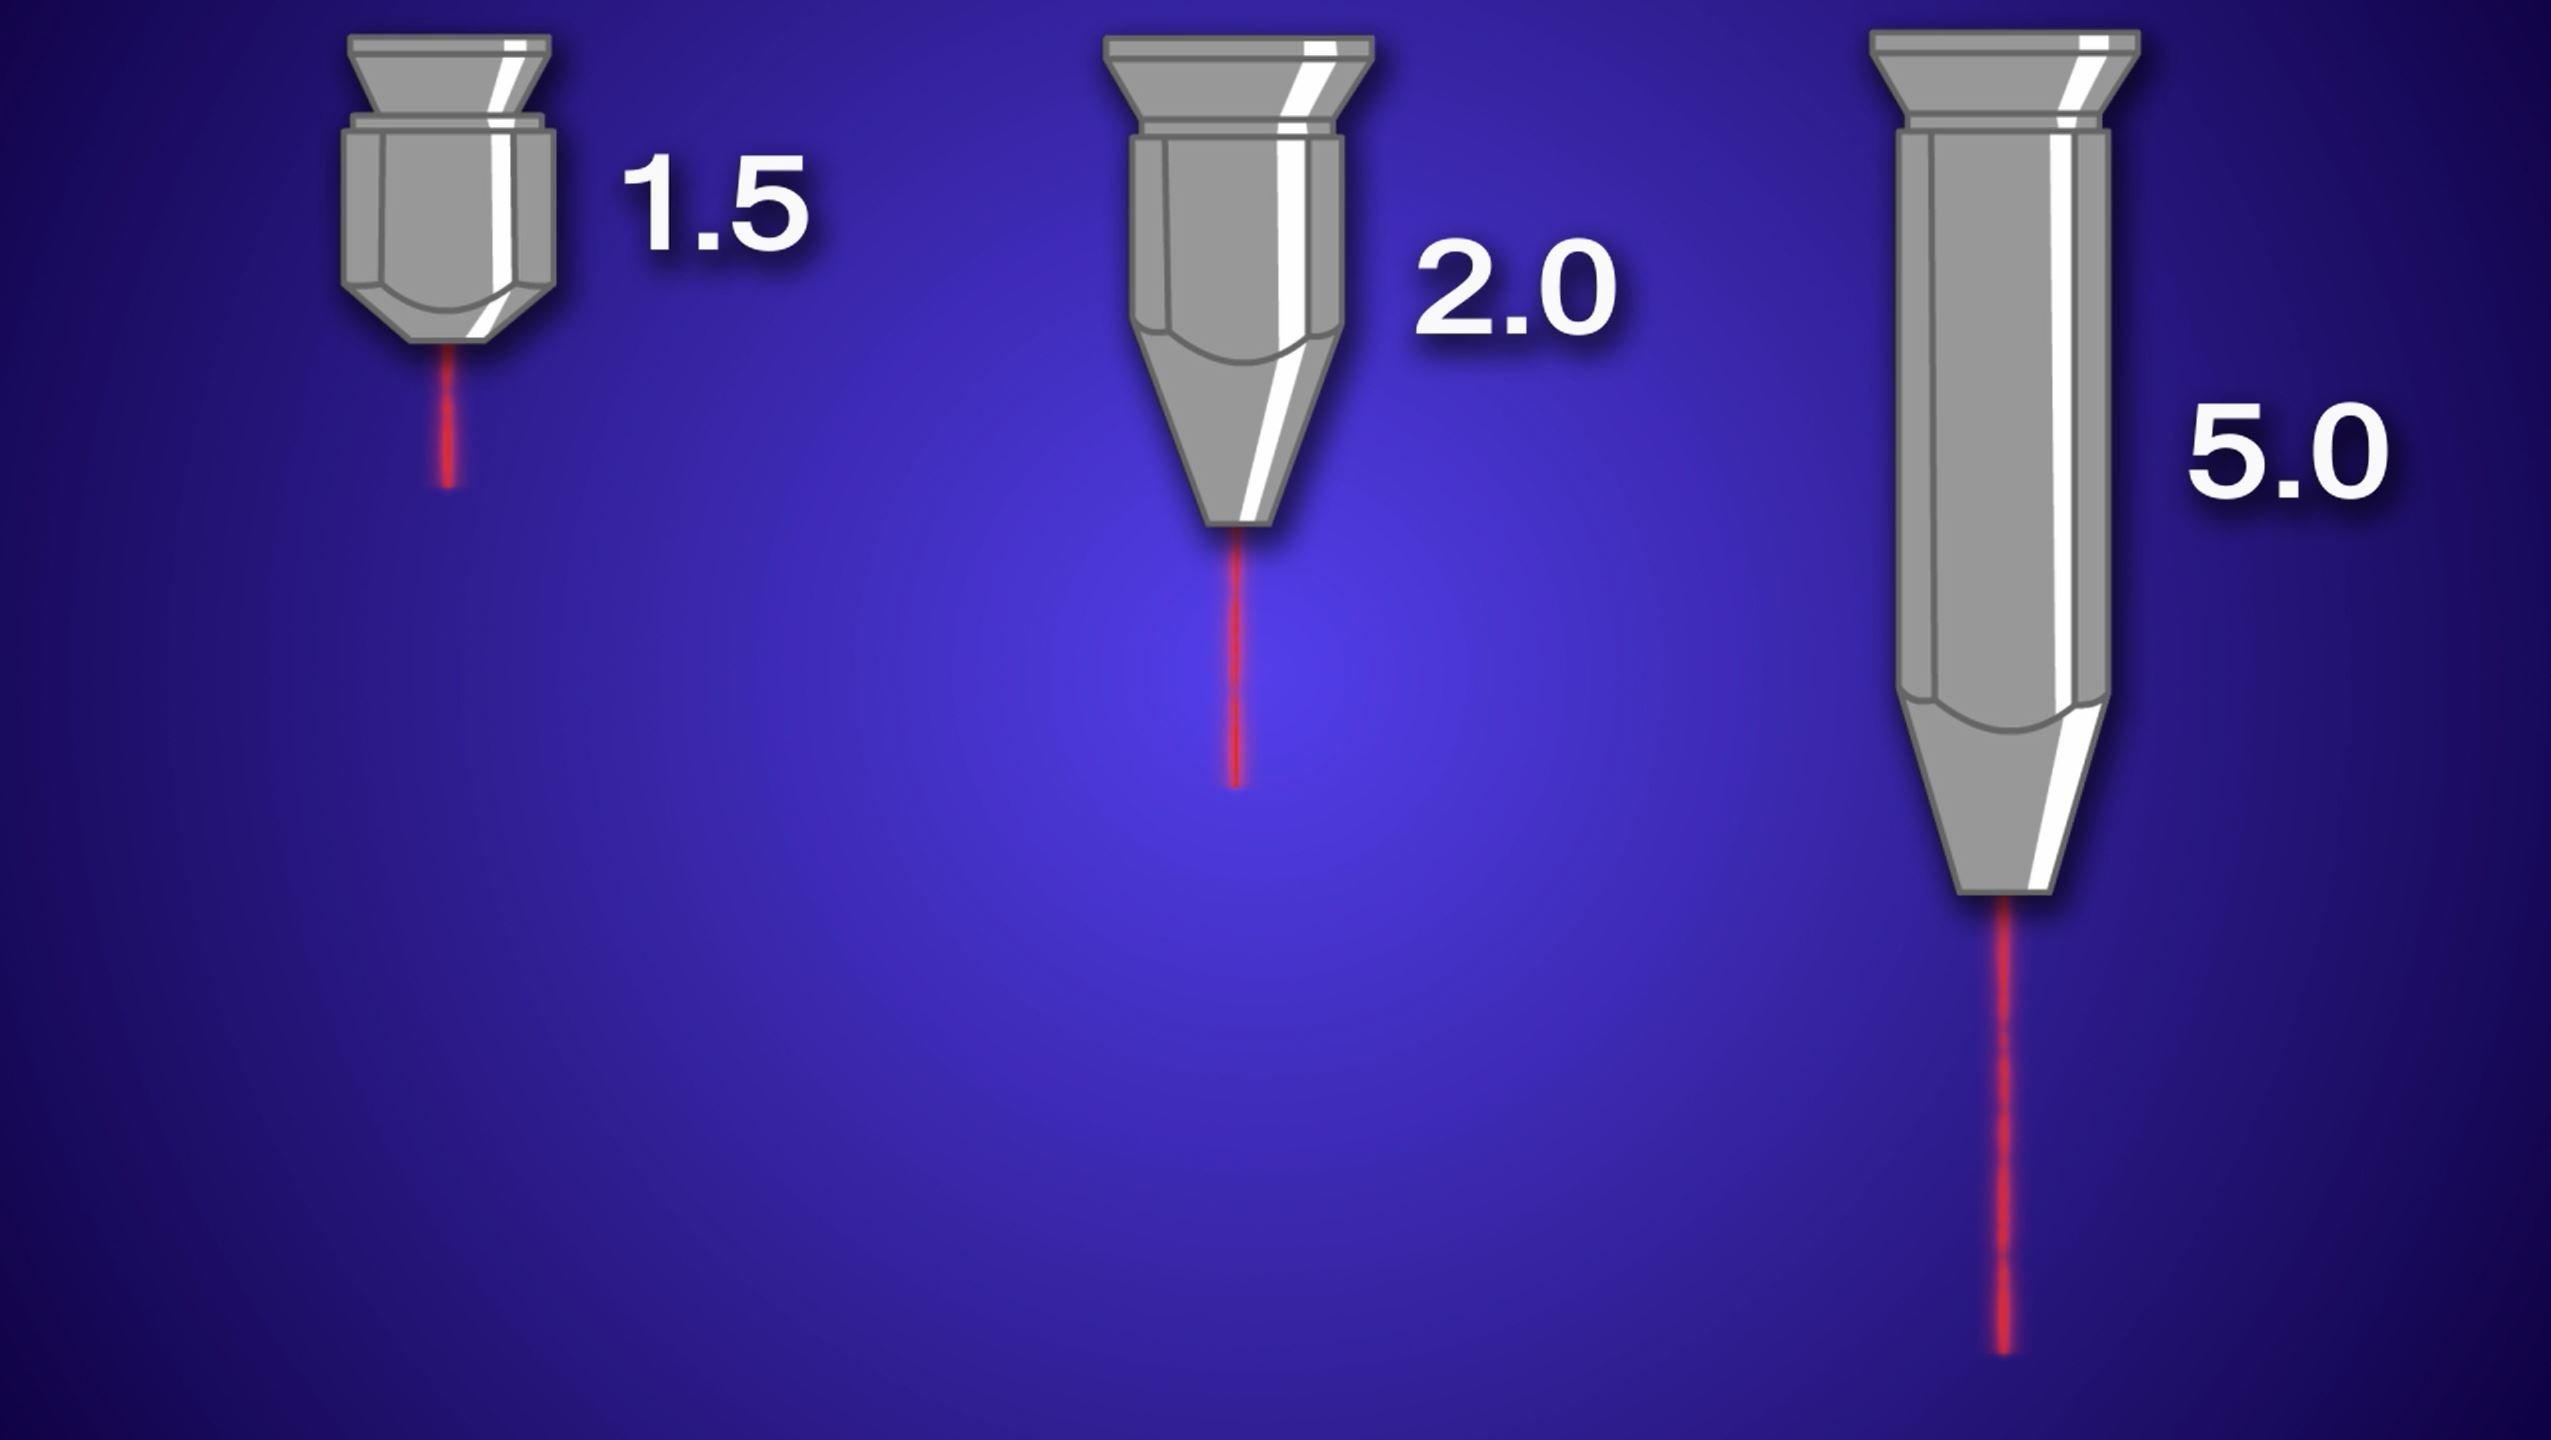 Lens Size Comparisons